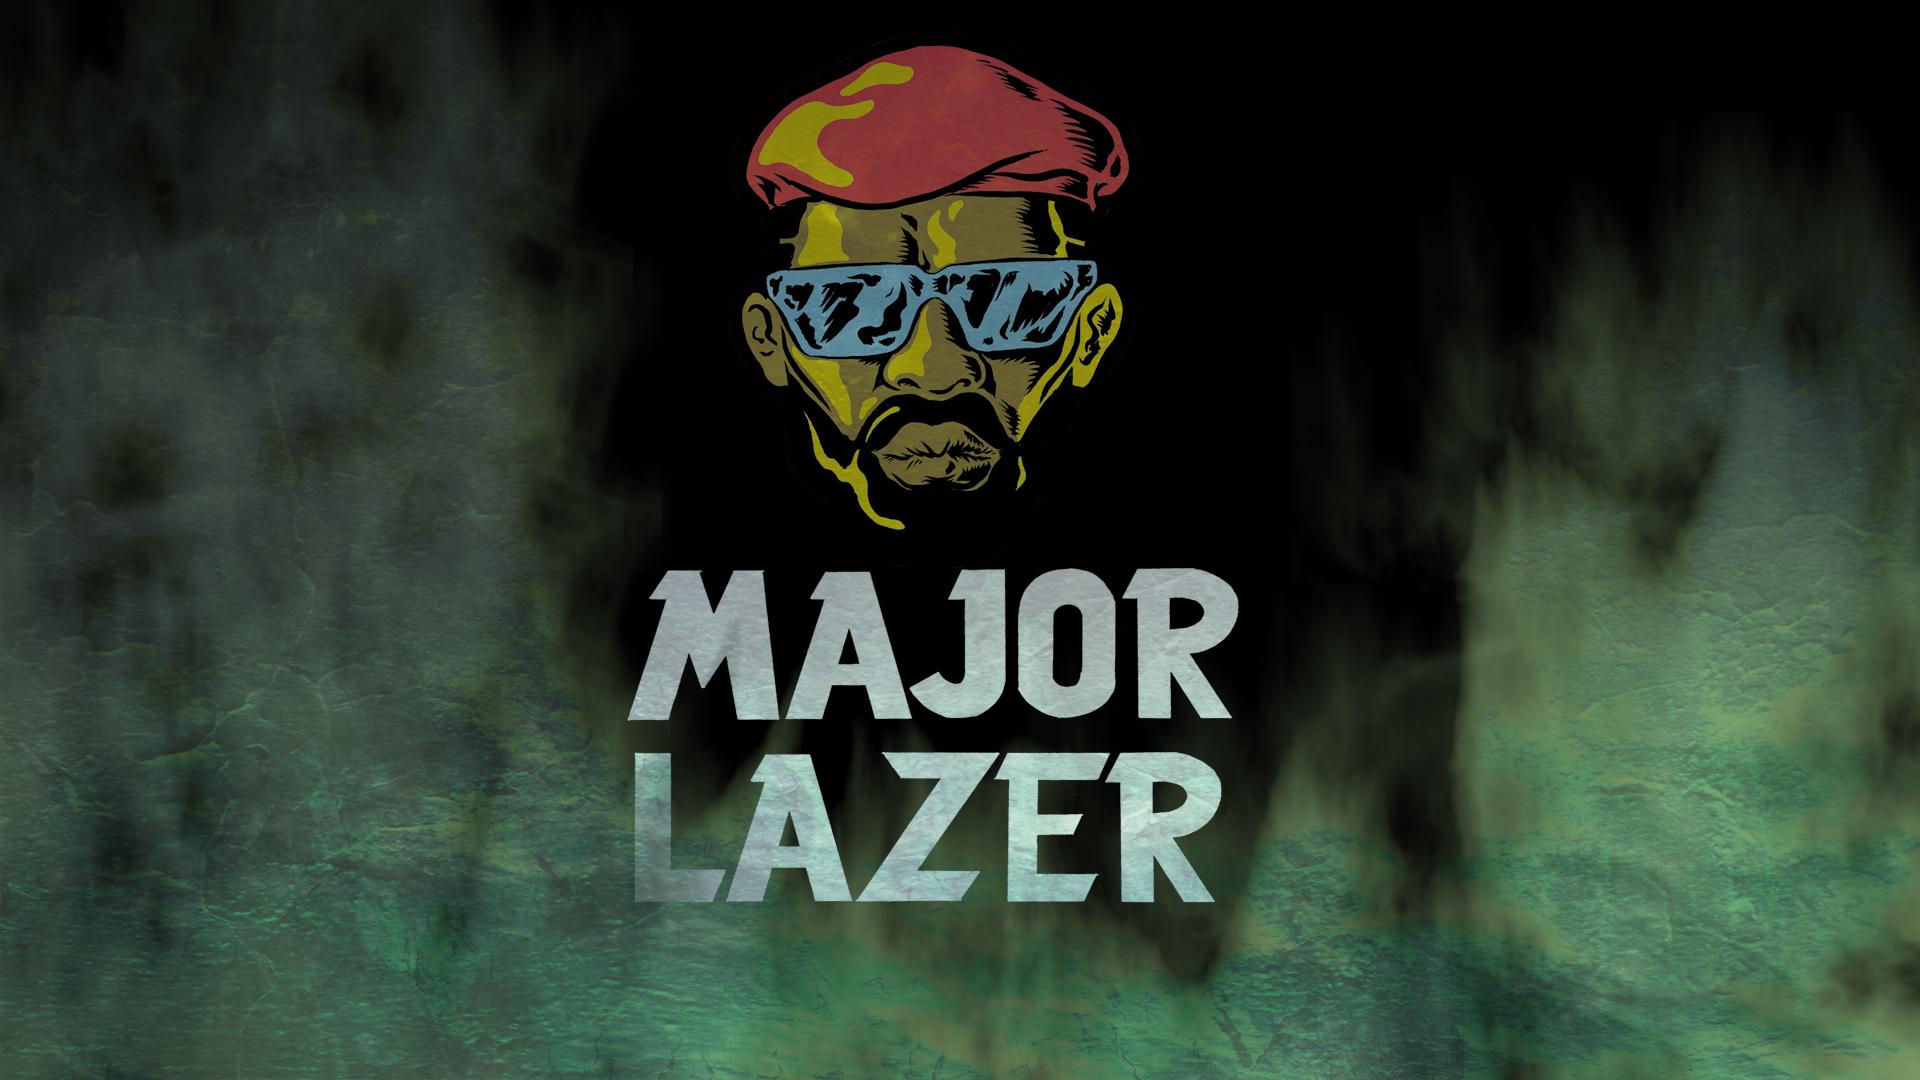 Major Lazer Images